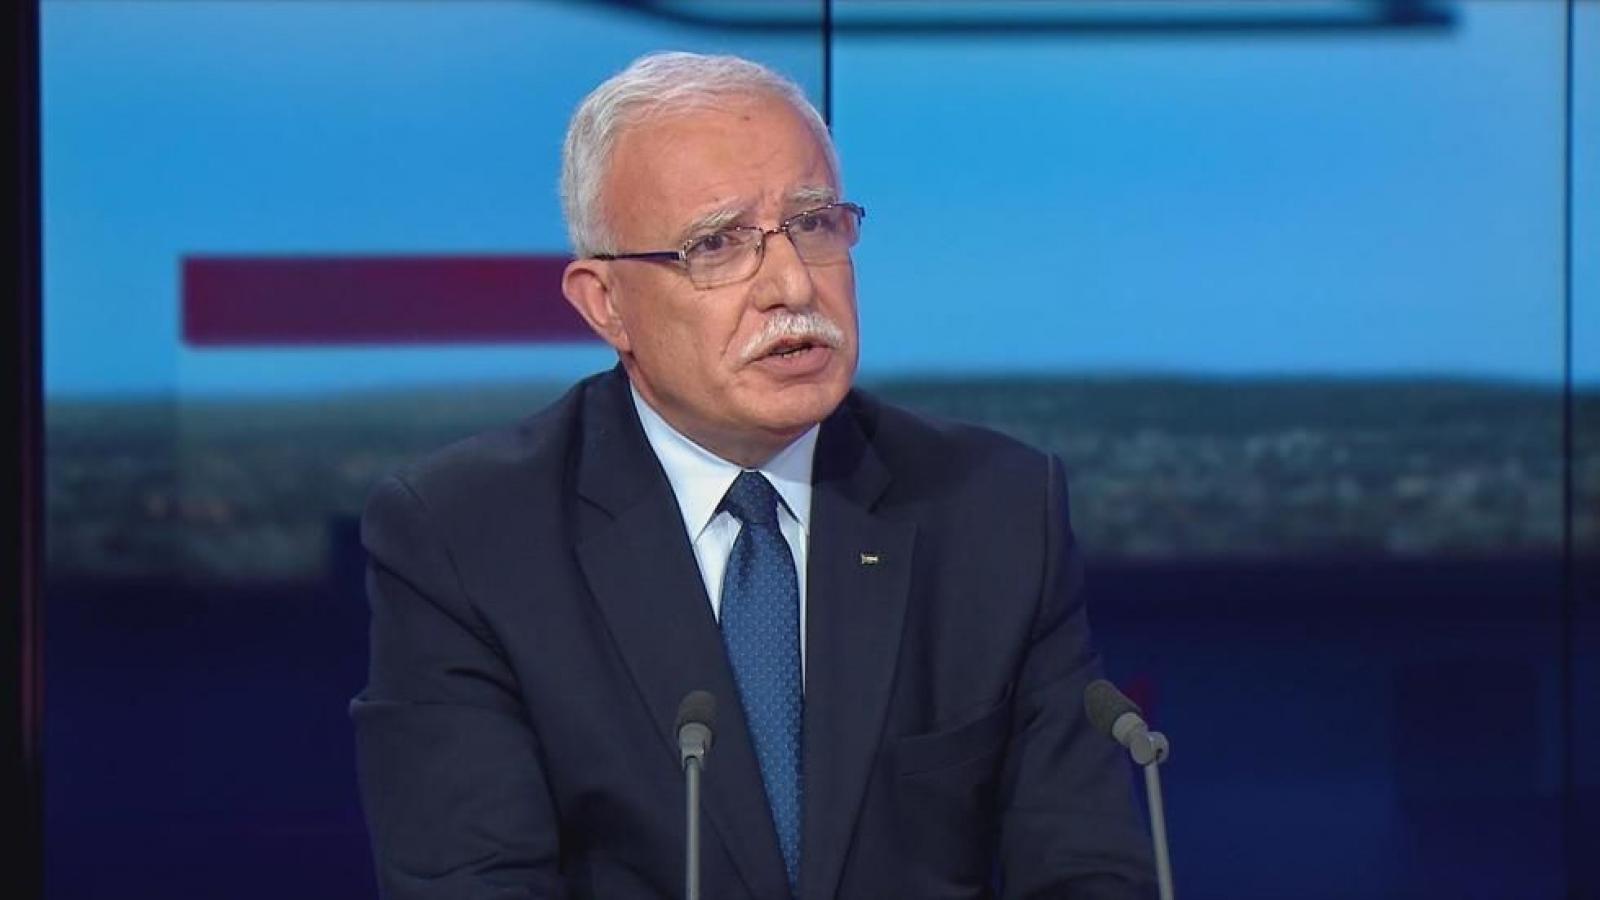 Palestine kêu gọi nối lại đối thoại nhóm Bộ tứ Trung Đông sau thông báo của Mỹ